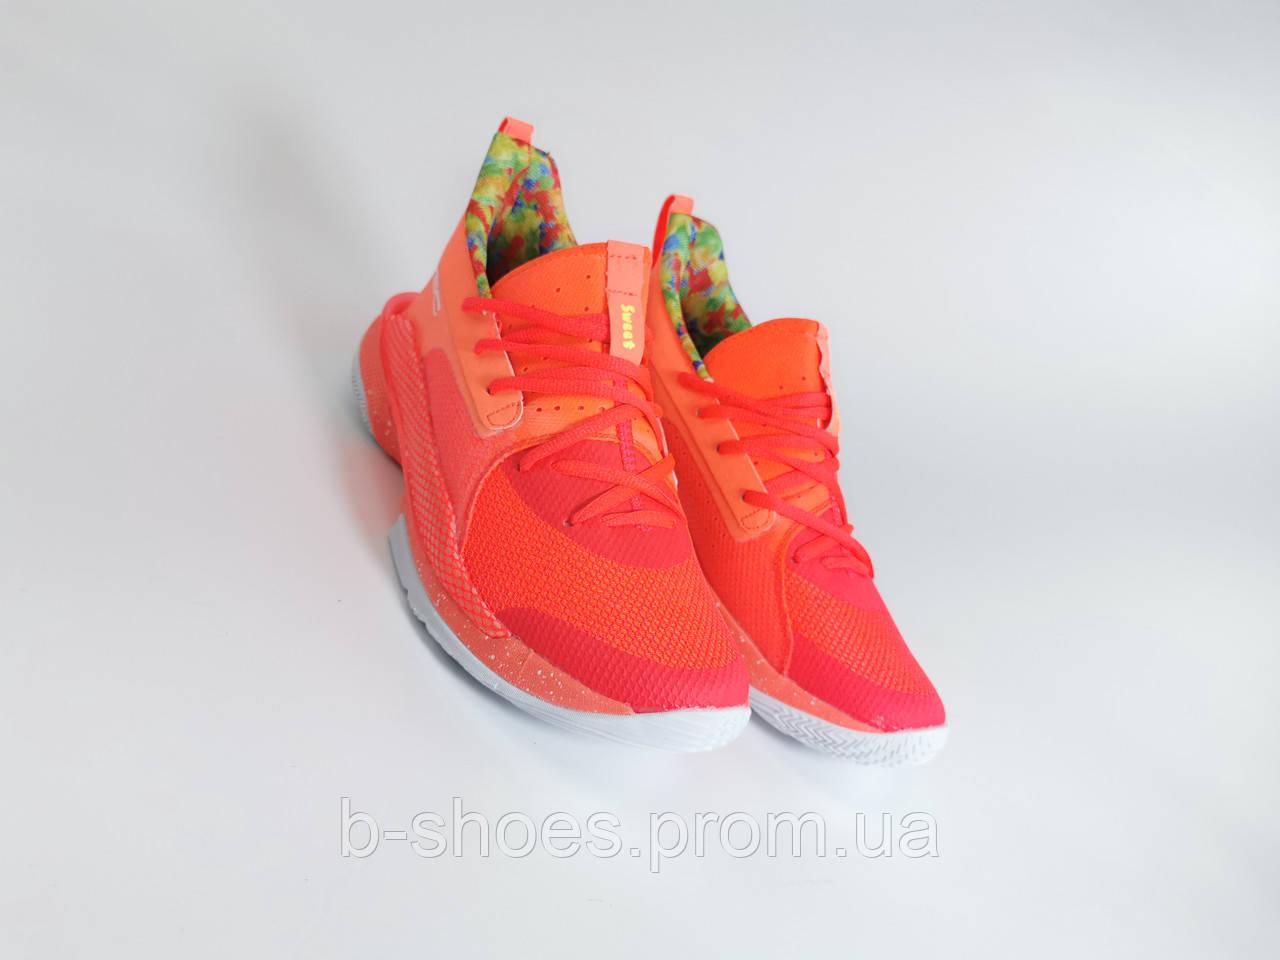 Мужские Баскетбольные кроссовки  Under Armour Curry 7(Orange)